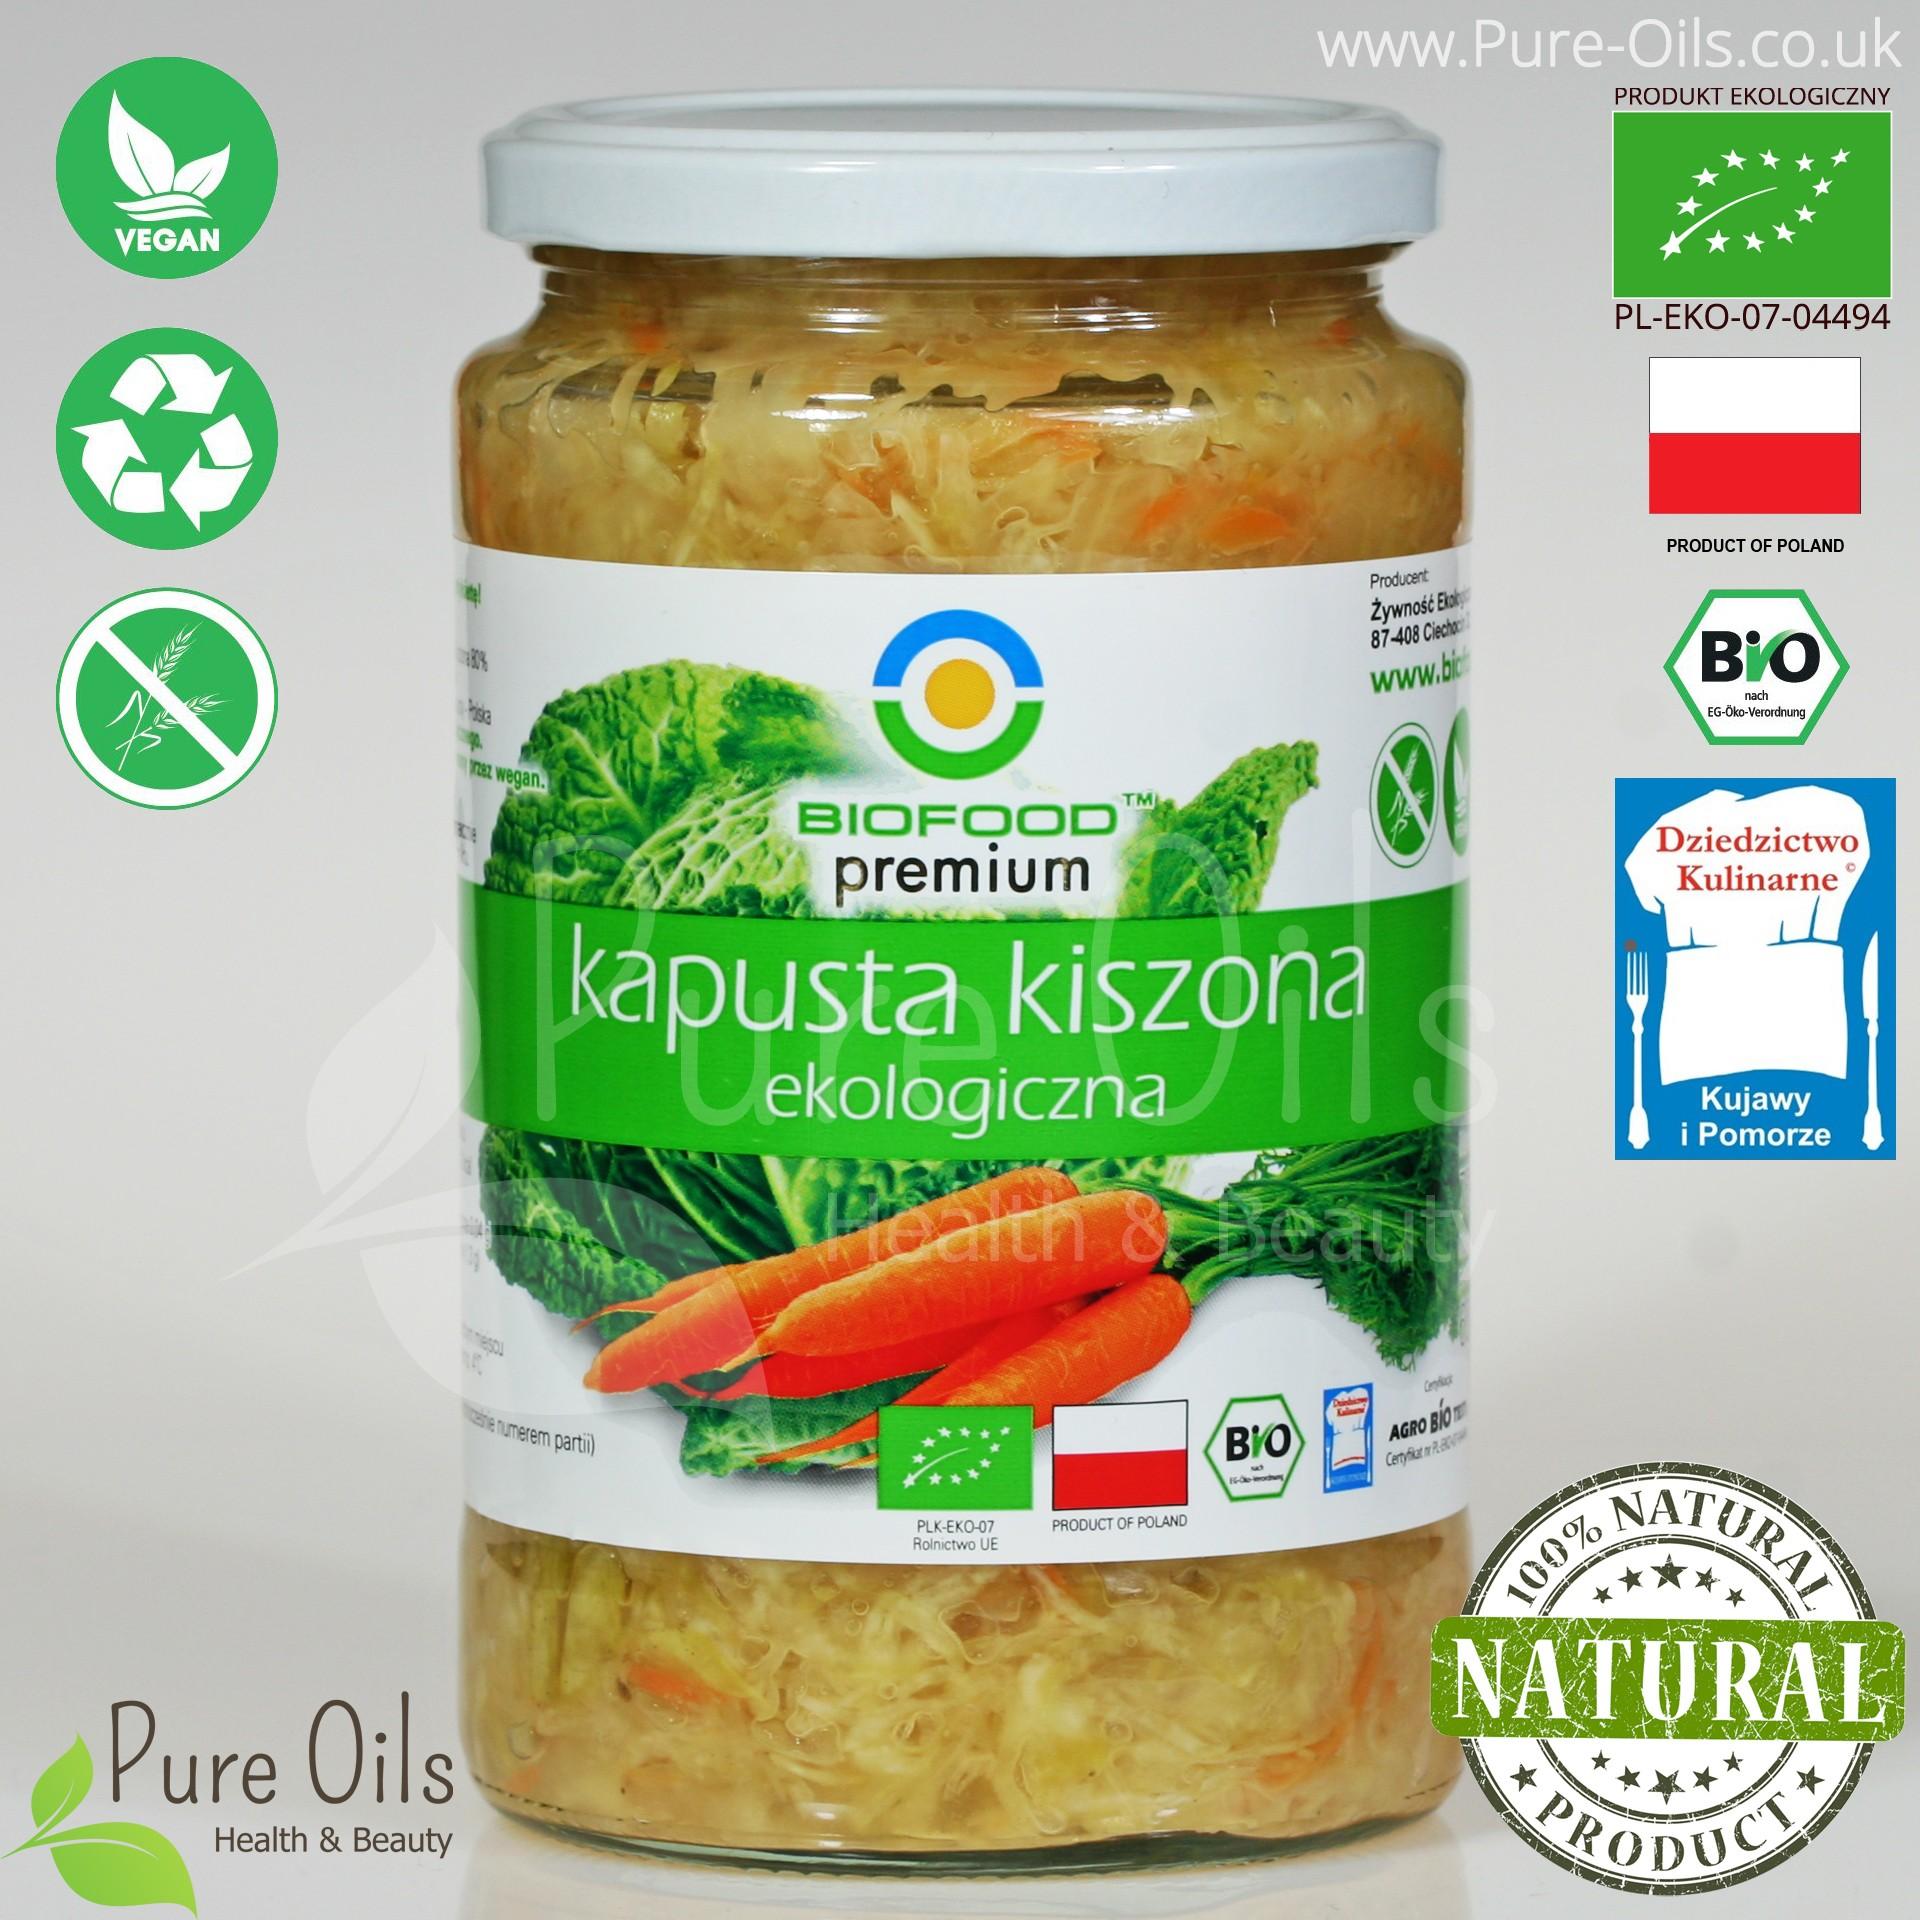 Kapusta Kiszona - Ekologiczna, BioFood